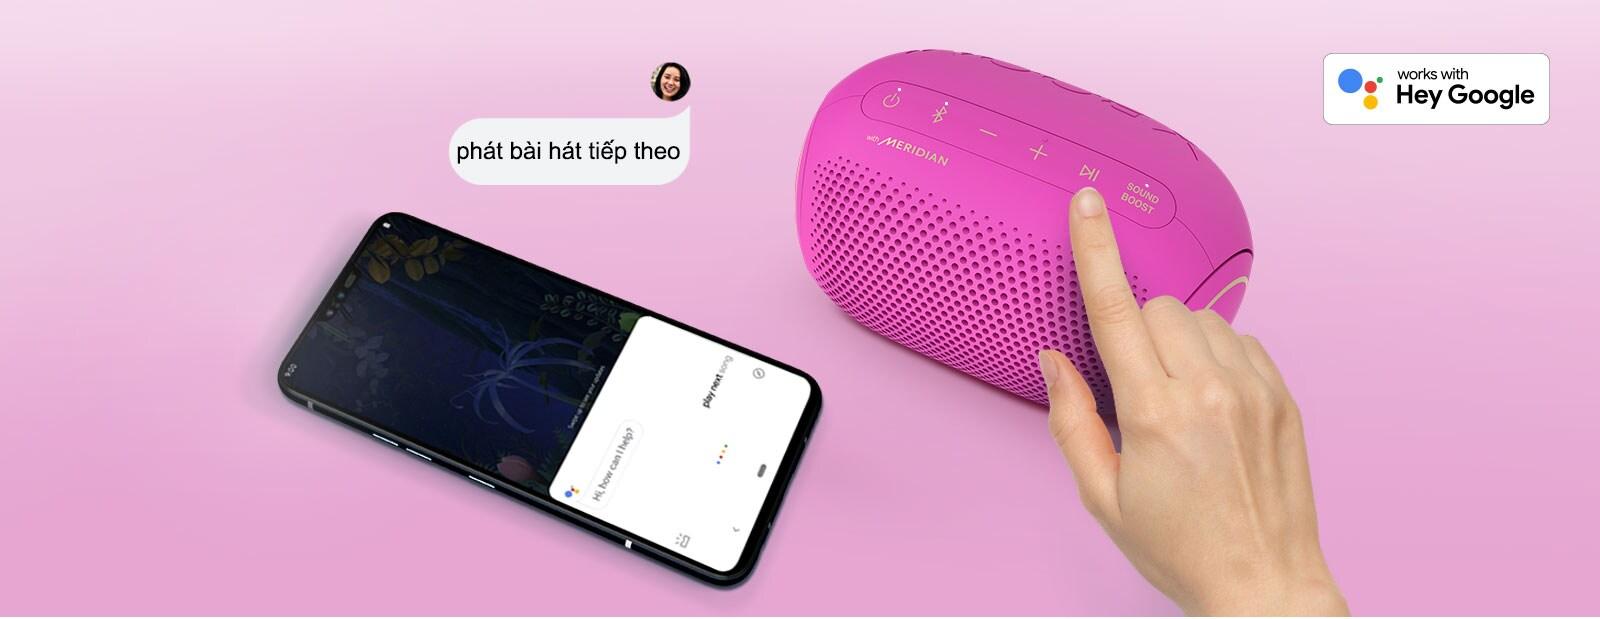 Hình chụp từ phía trên với một ngón tay đang ấn nút trên loa LG XBOOM Go PL2C và một chiếc điện thoại thông minh đặt cạnh có bong bóng thoại và logo Google